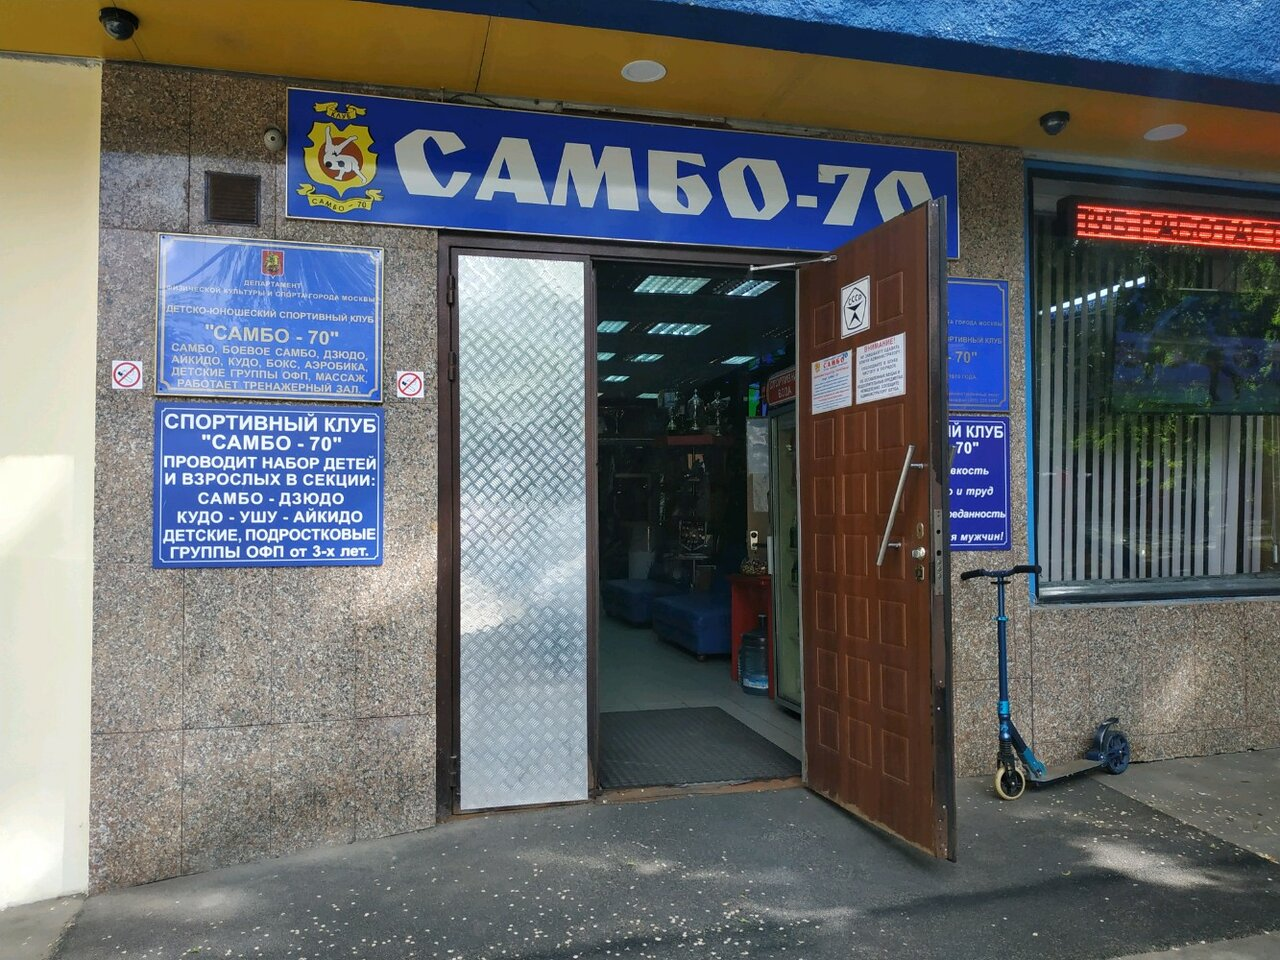 Лучший клуб самбо в москве йога фитнес клуб москва